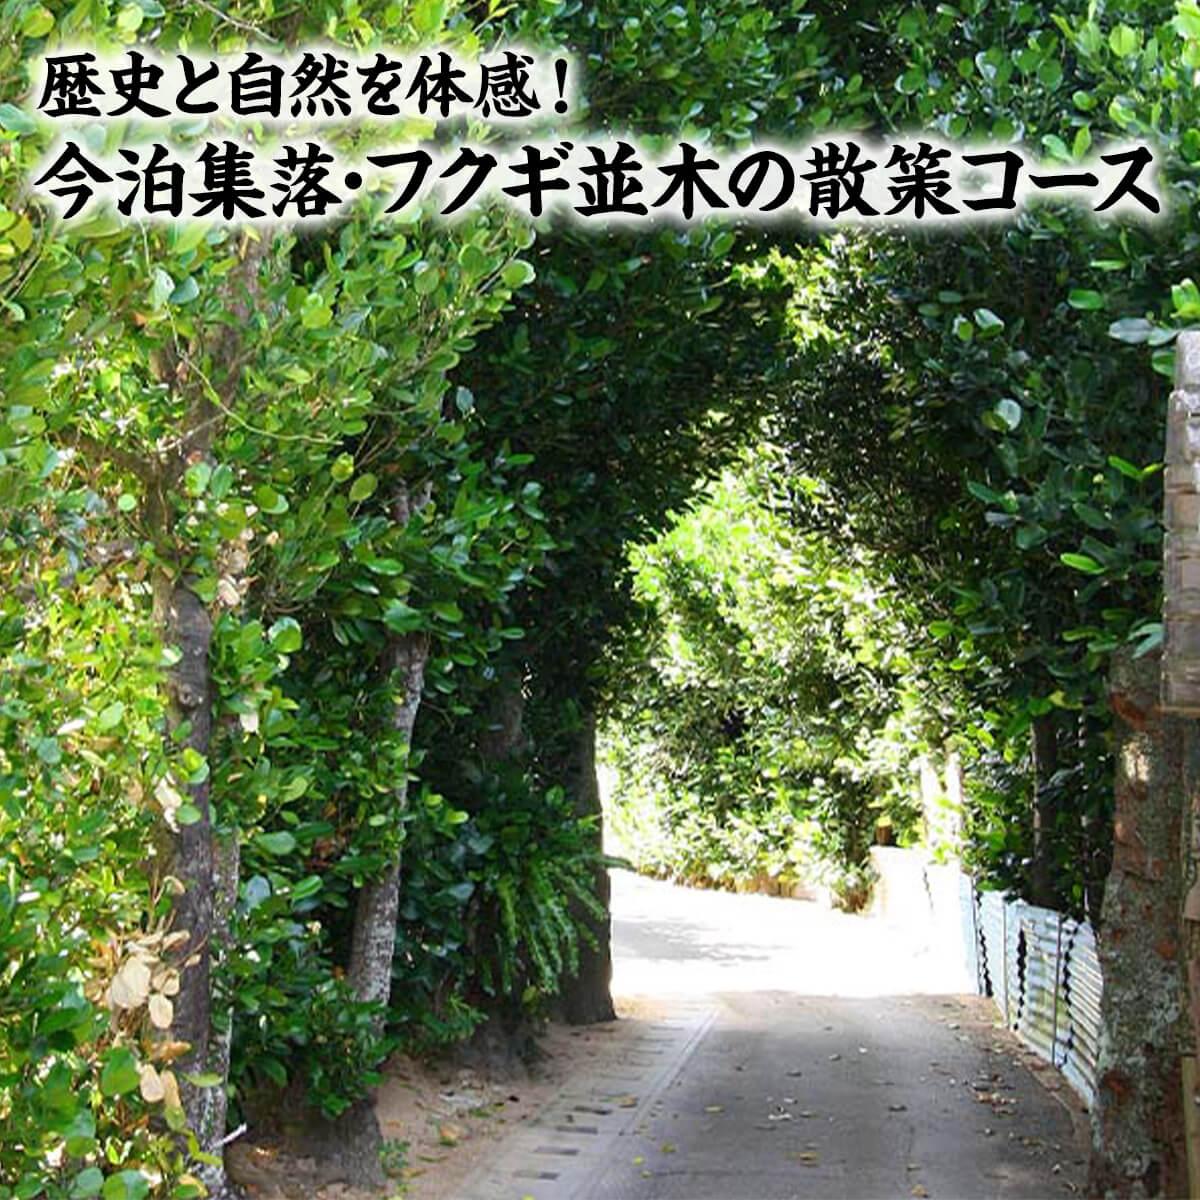 歴史と自然を体感!(今泊集落・フクギ並木の散策コース)